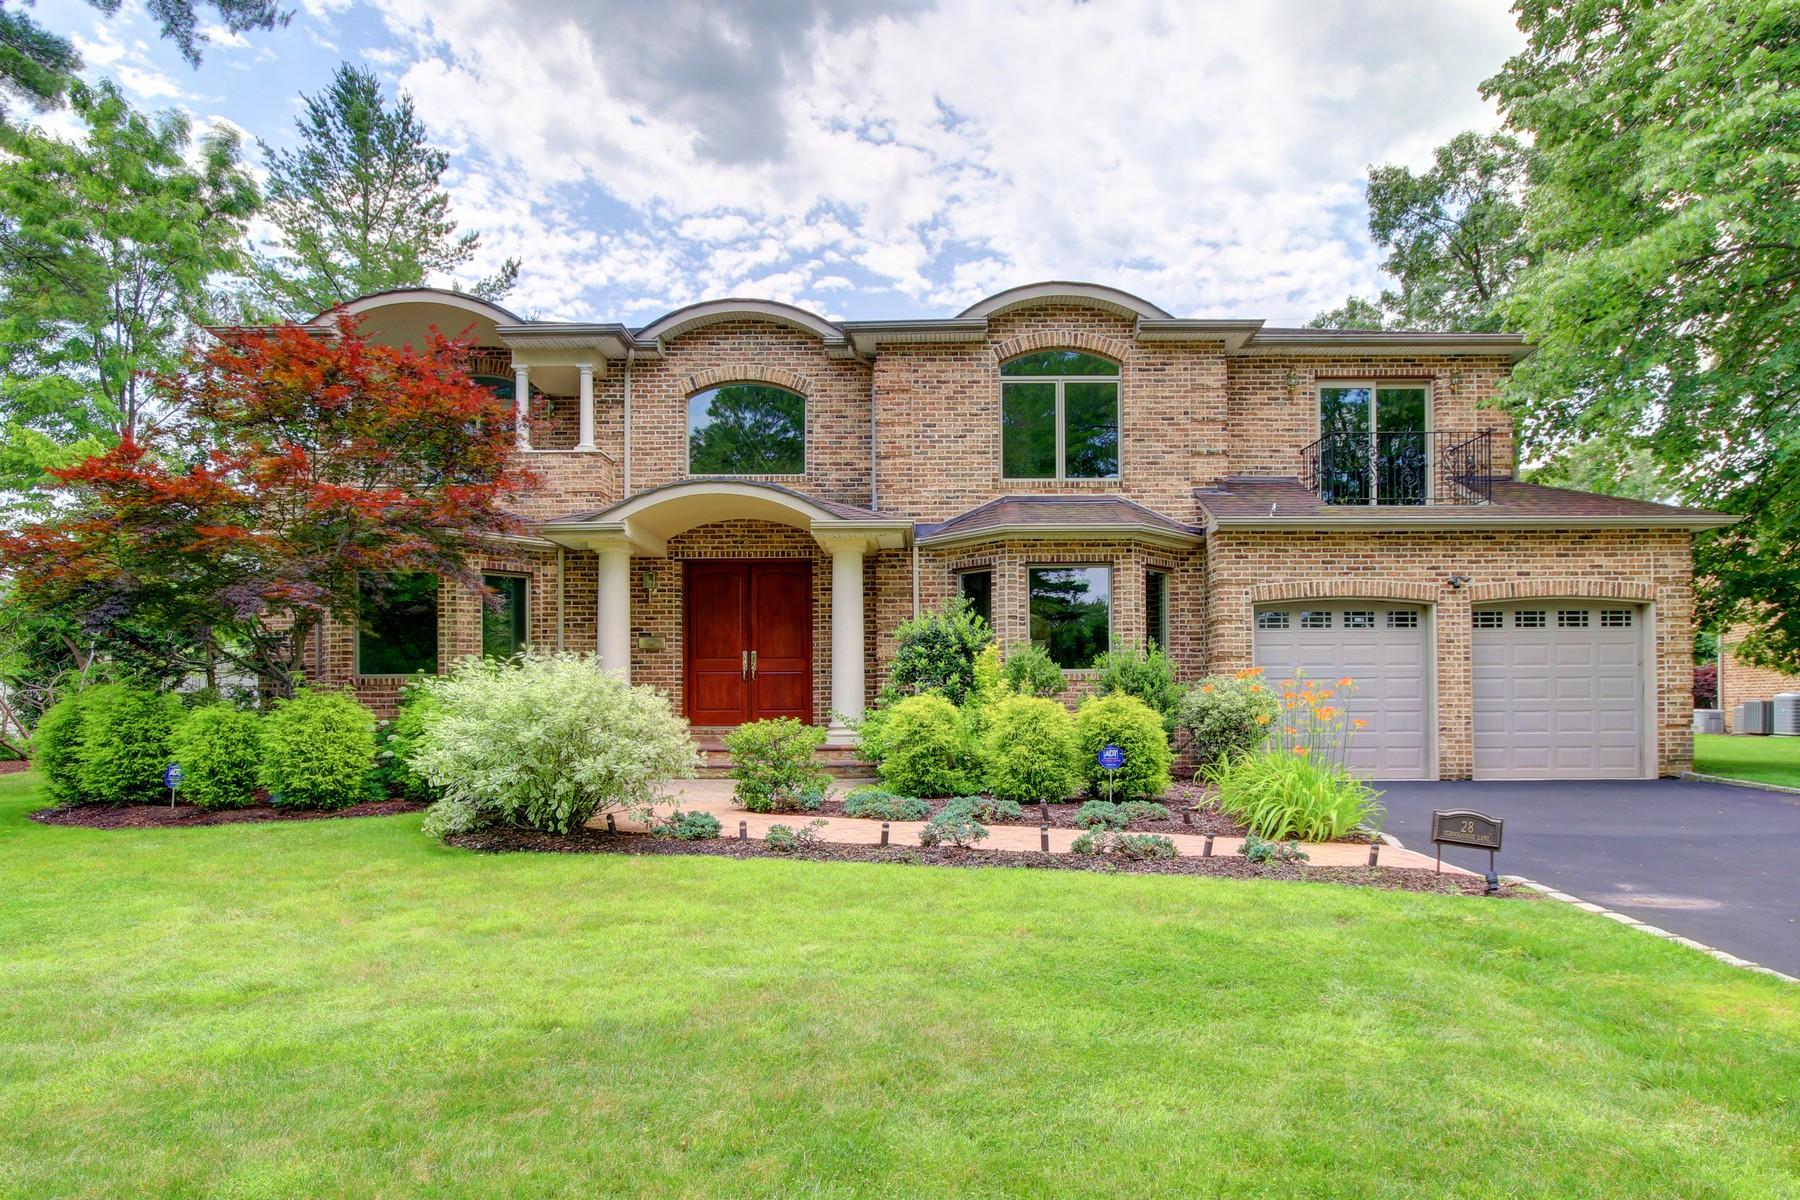 独户住宅 为 销售 在 Colonial 28 Schoolhouse Ln 罗斯林高地, 纽约州, 11577 美国